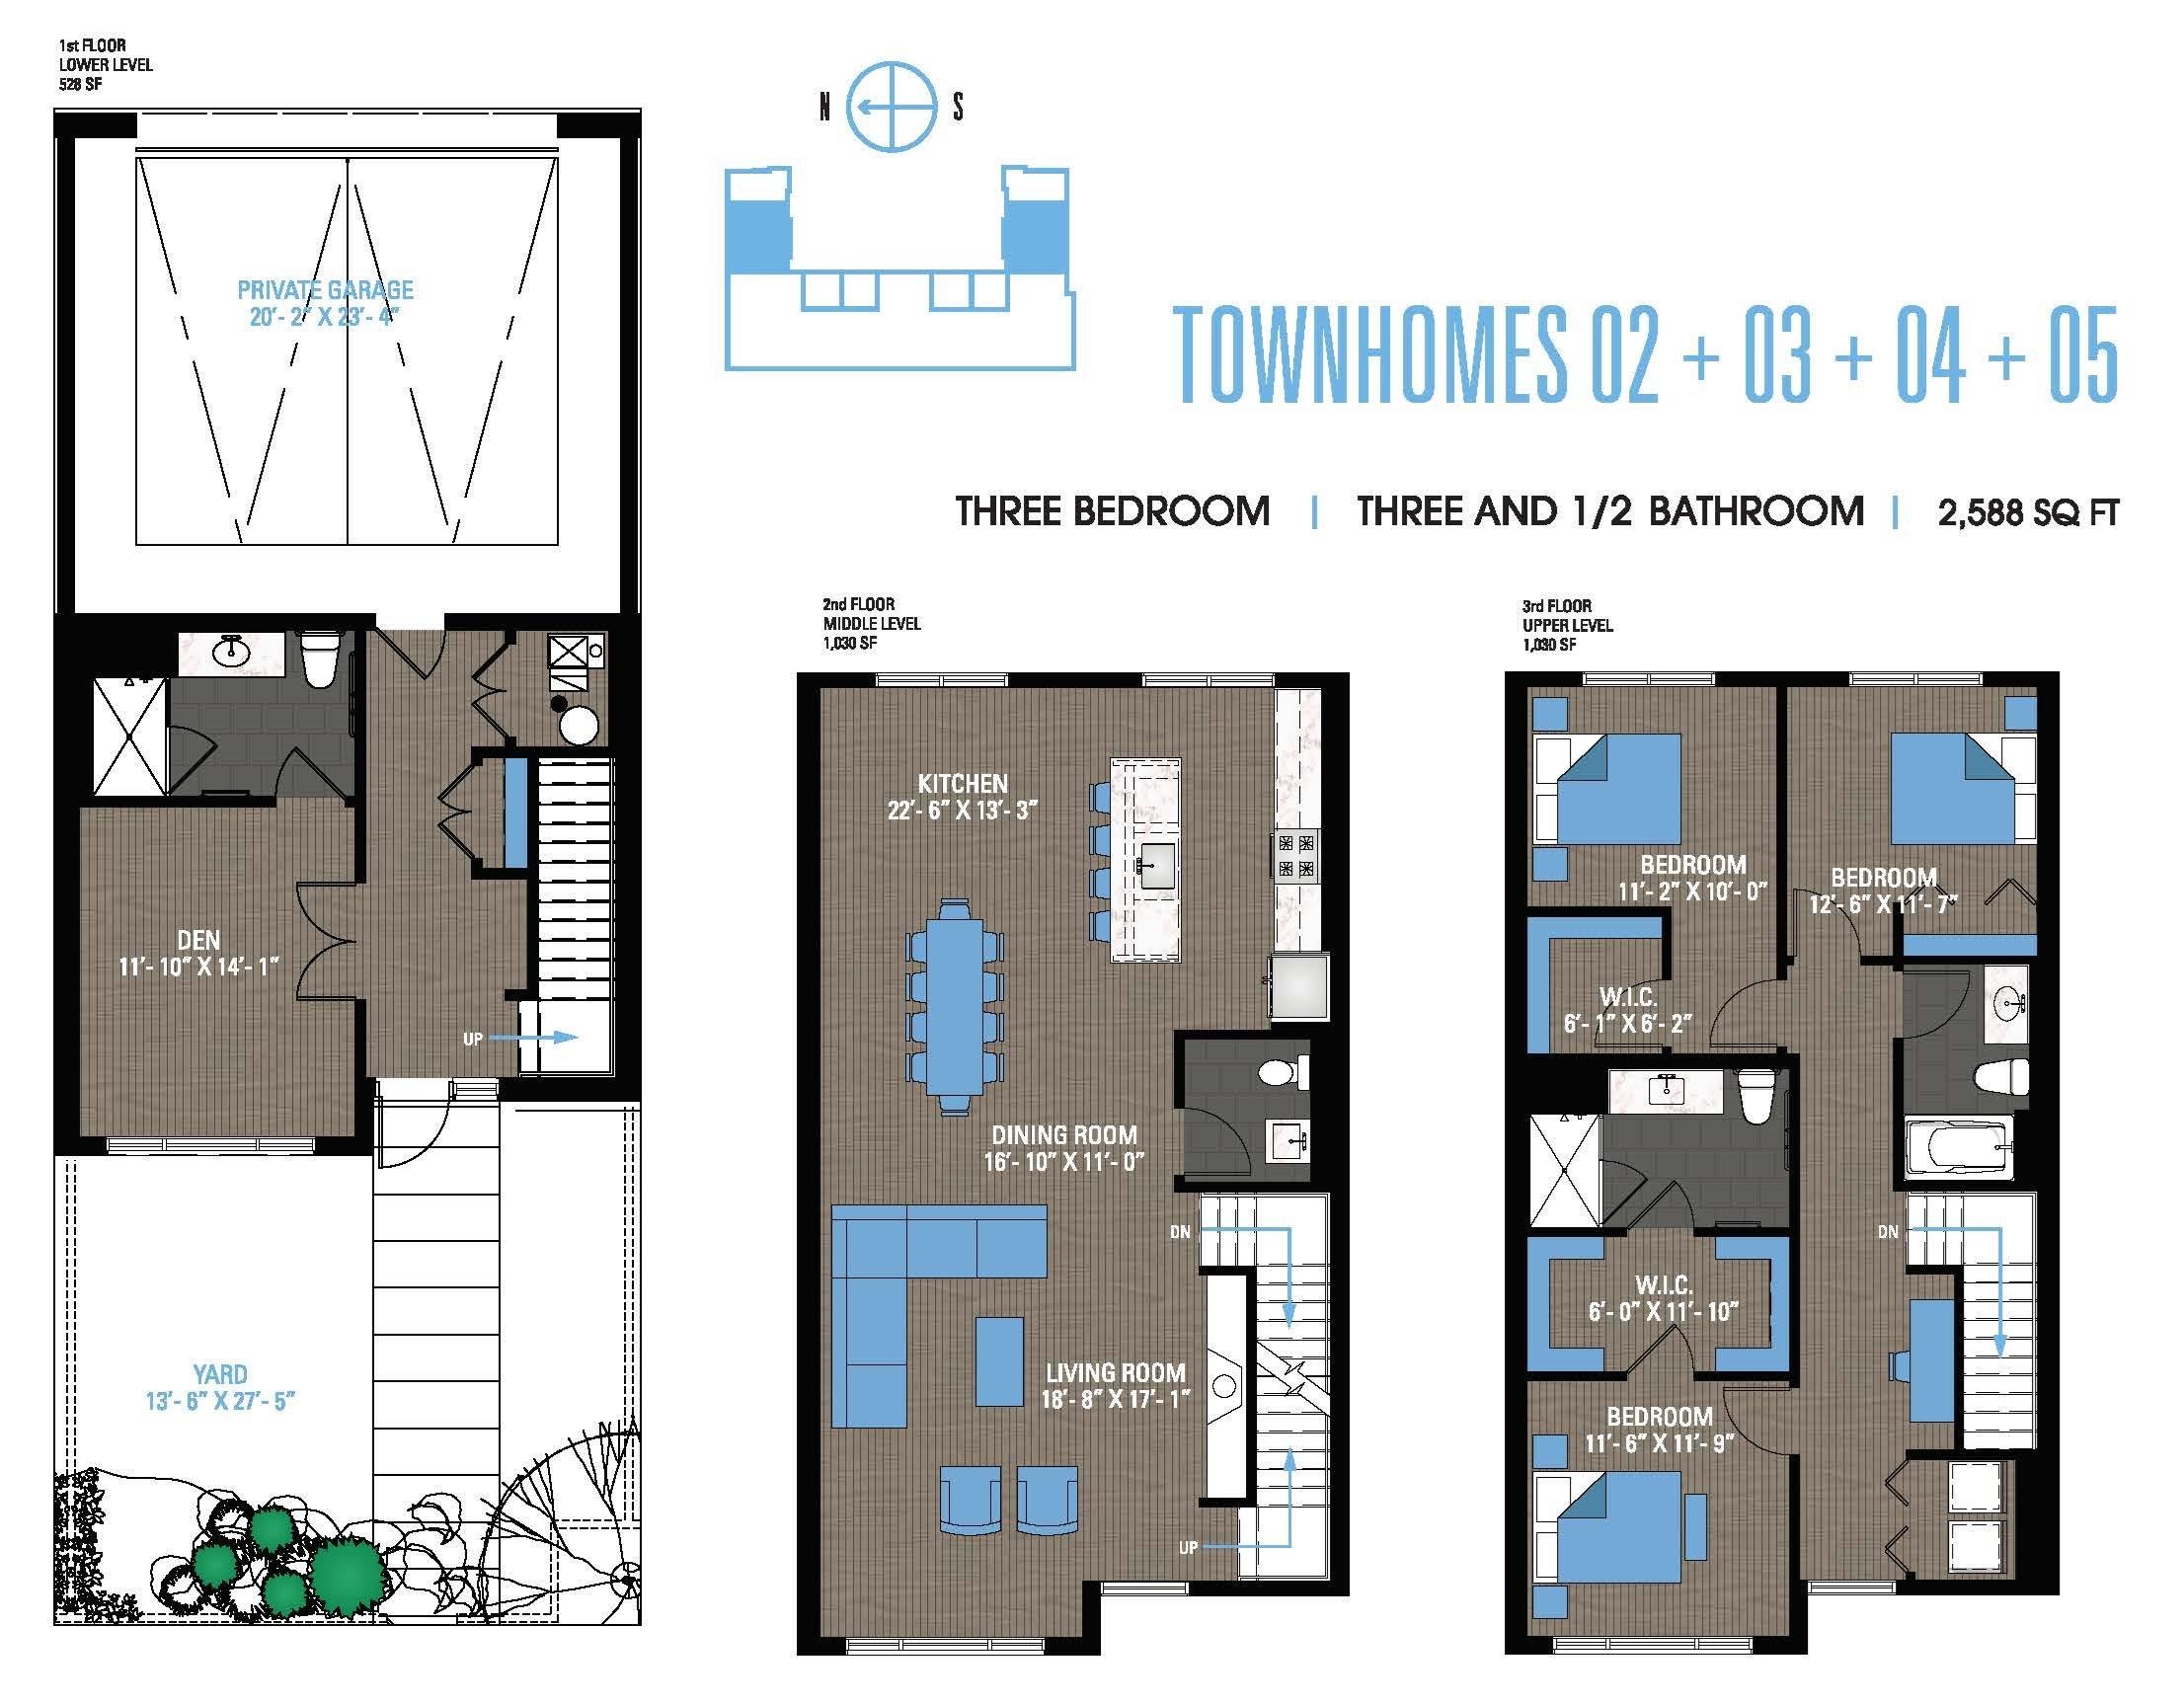 Townhome 02+03+04+05 Floor Plan 17